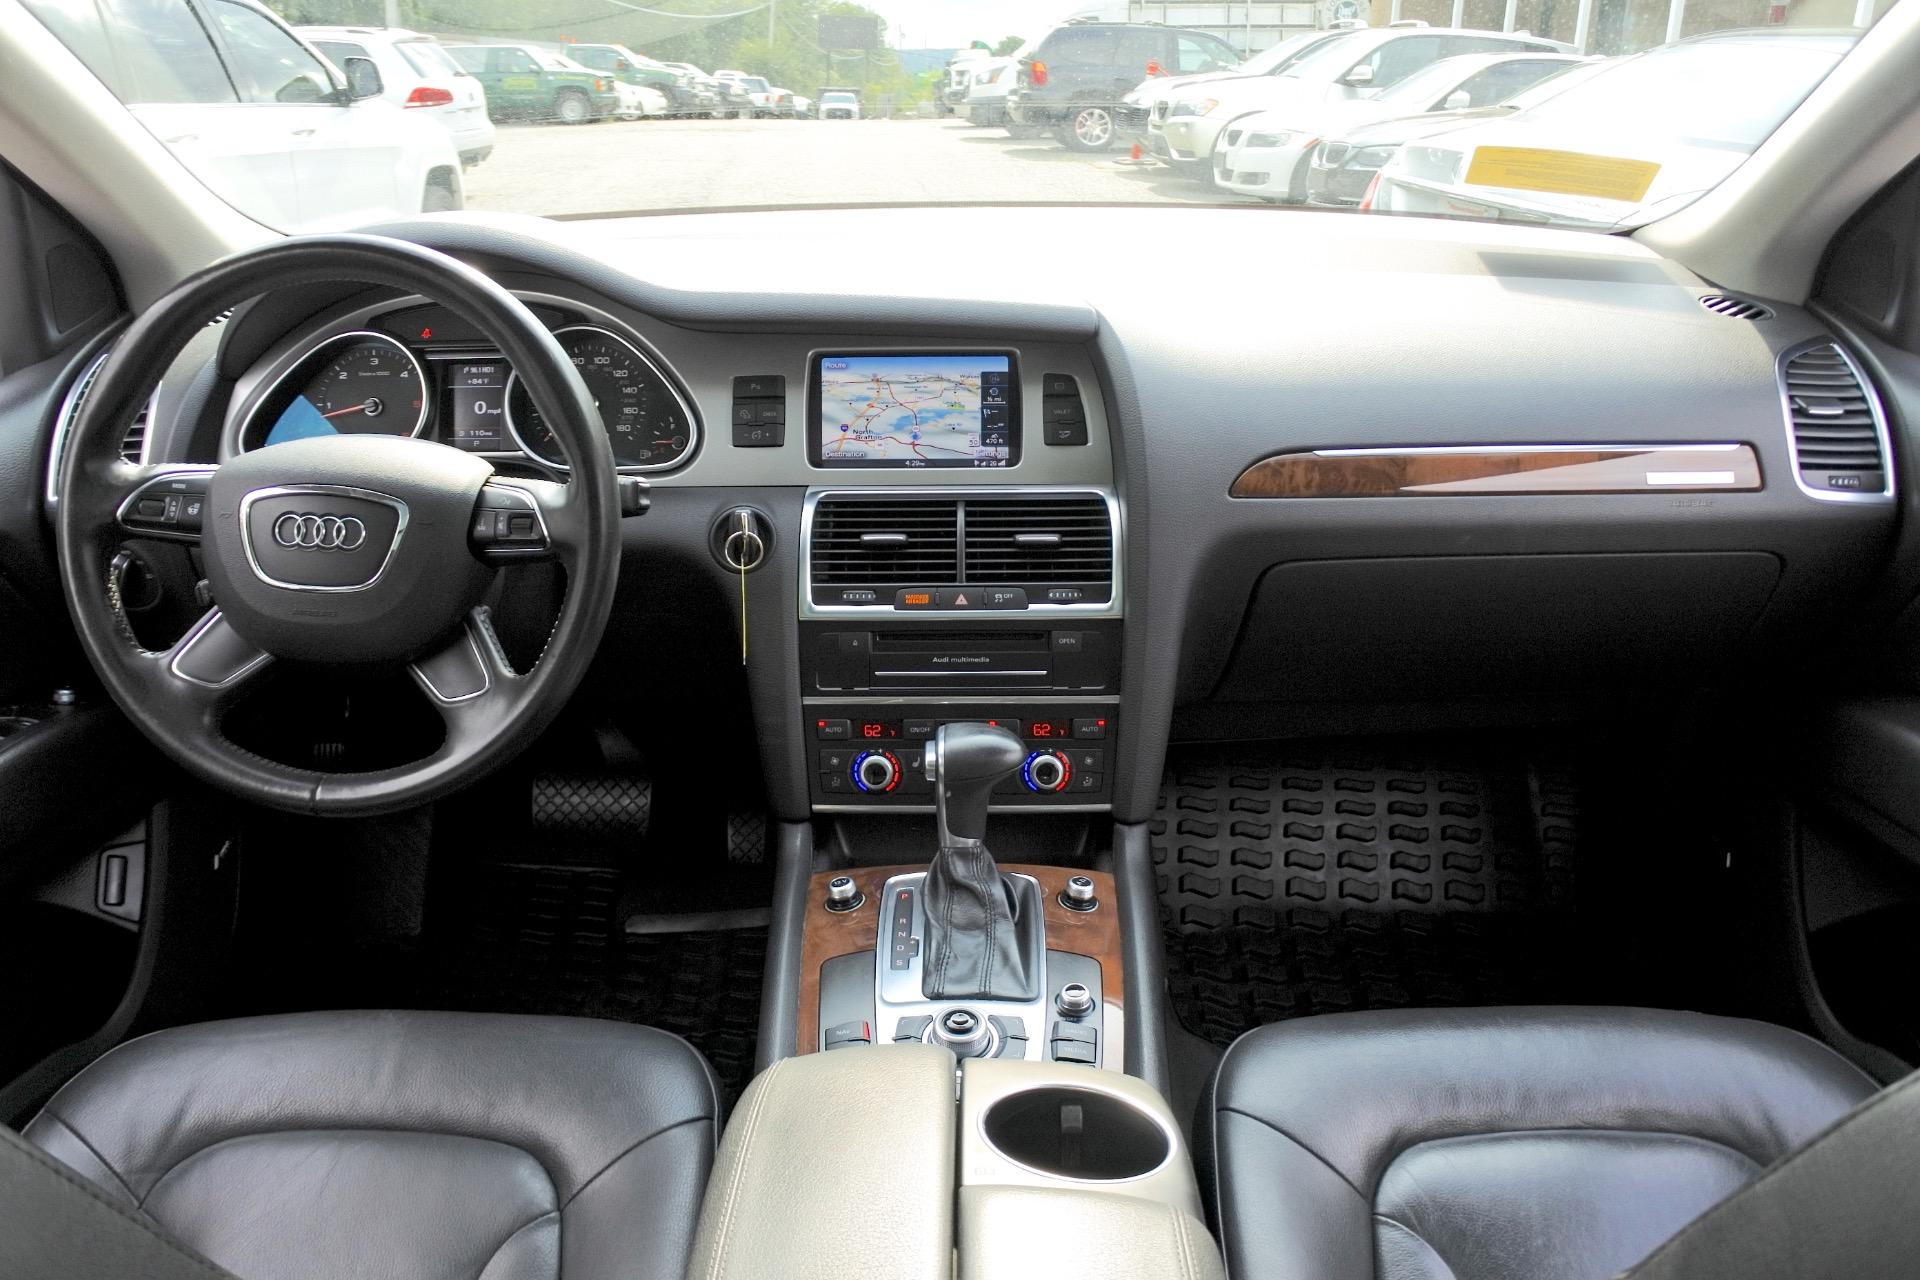 Used 2013 Audi Q7 TDI Premium Plus Used 2013 Audi Q7 TDI Premium Plus for sale  at Metro West Motorcars LLC in Shrewsbury MA 9